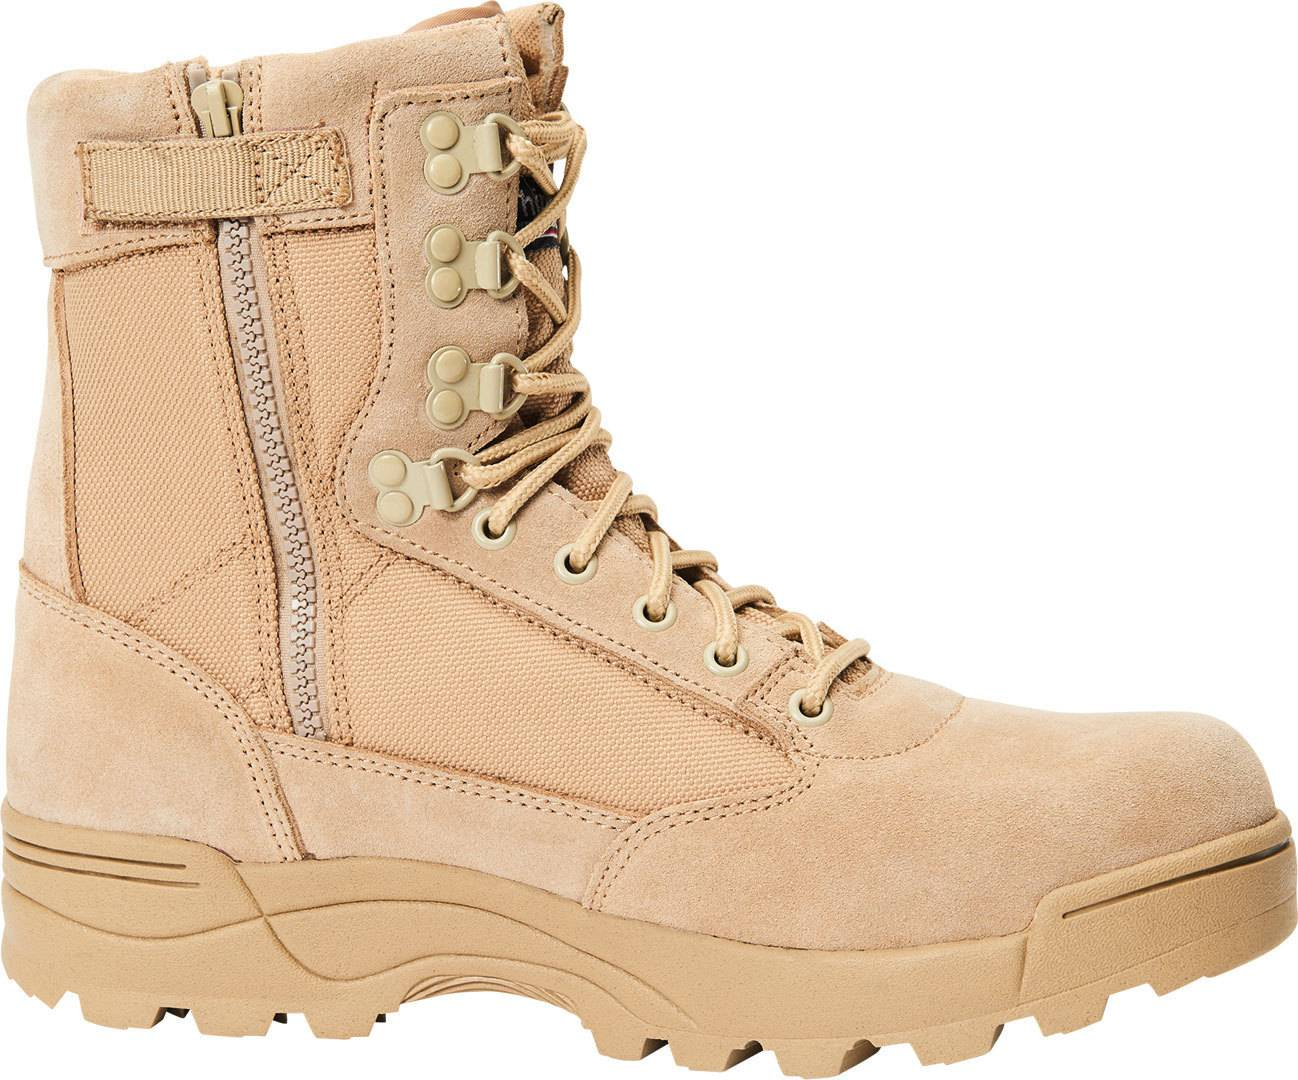 Brandit Zipper Tactical Boots Beige 44